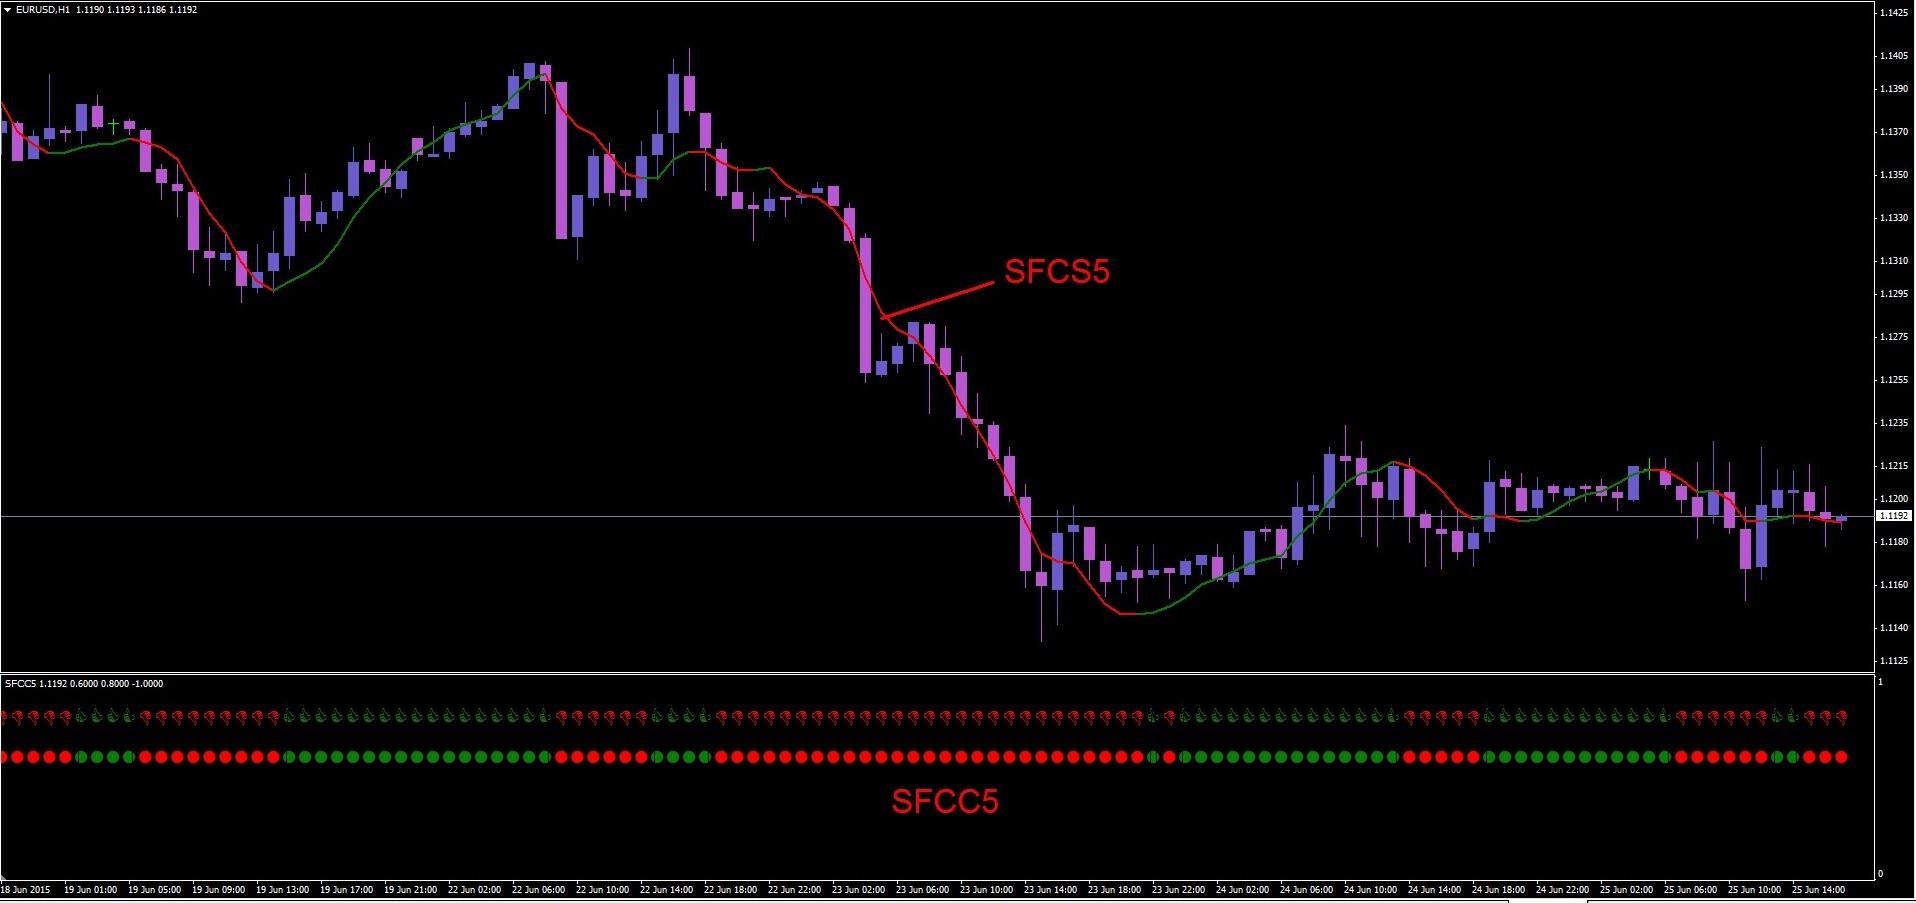 Простая прибыльная торговая стратегия forex для н1 и н4 форекс сиратегии